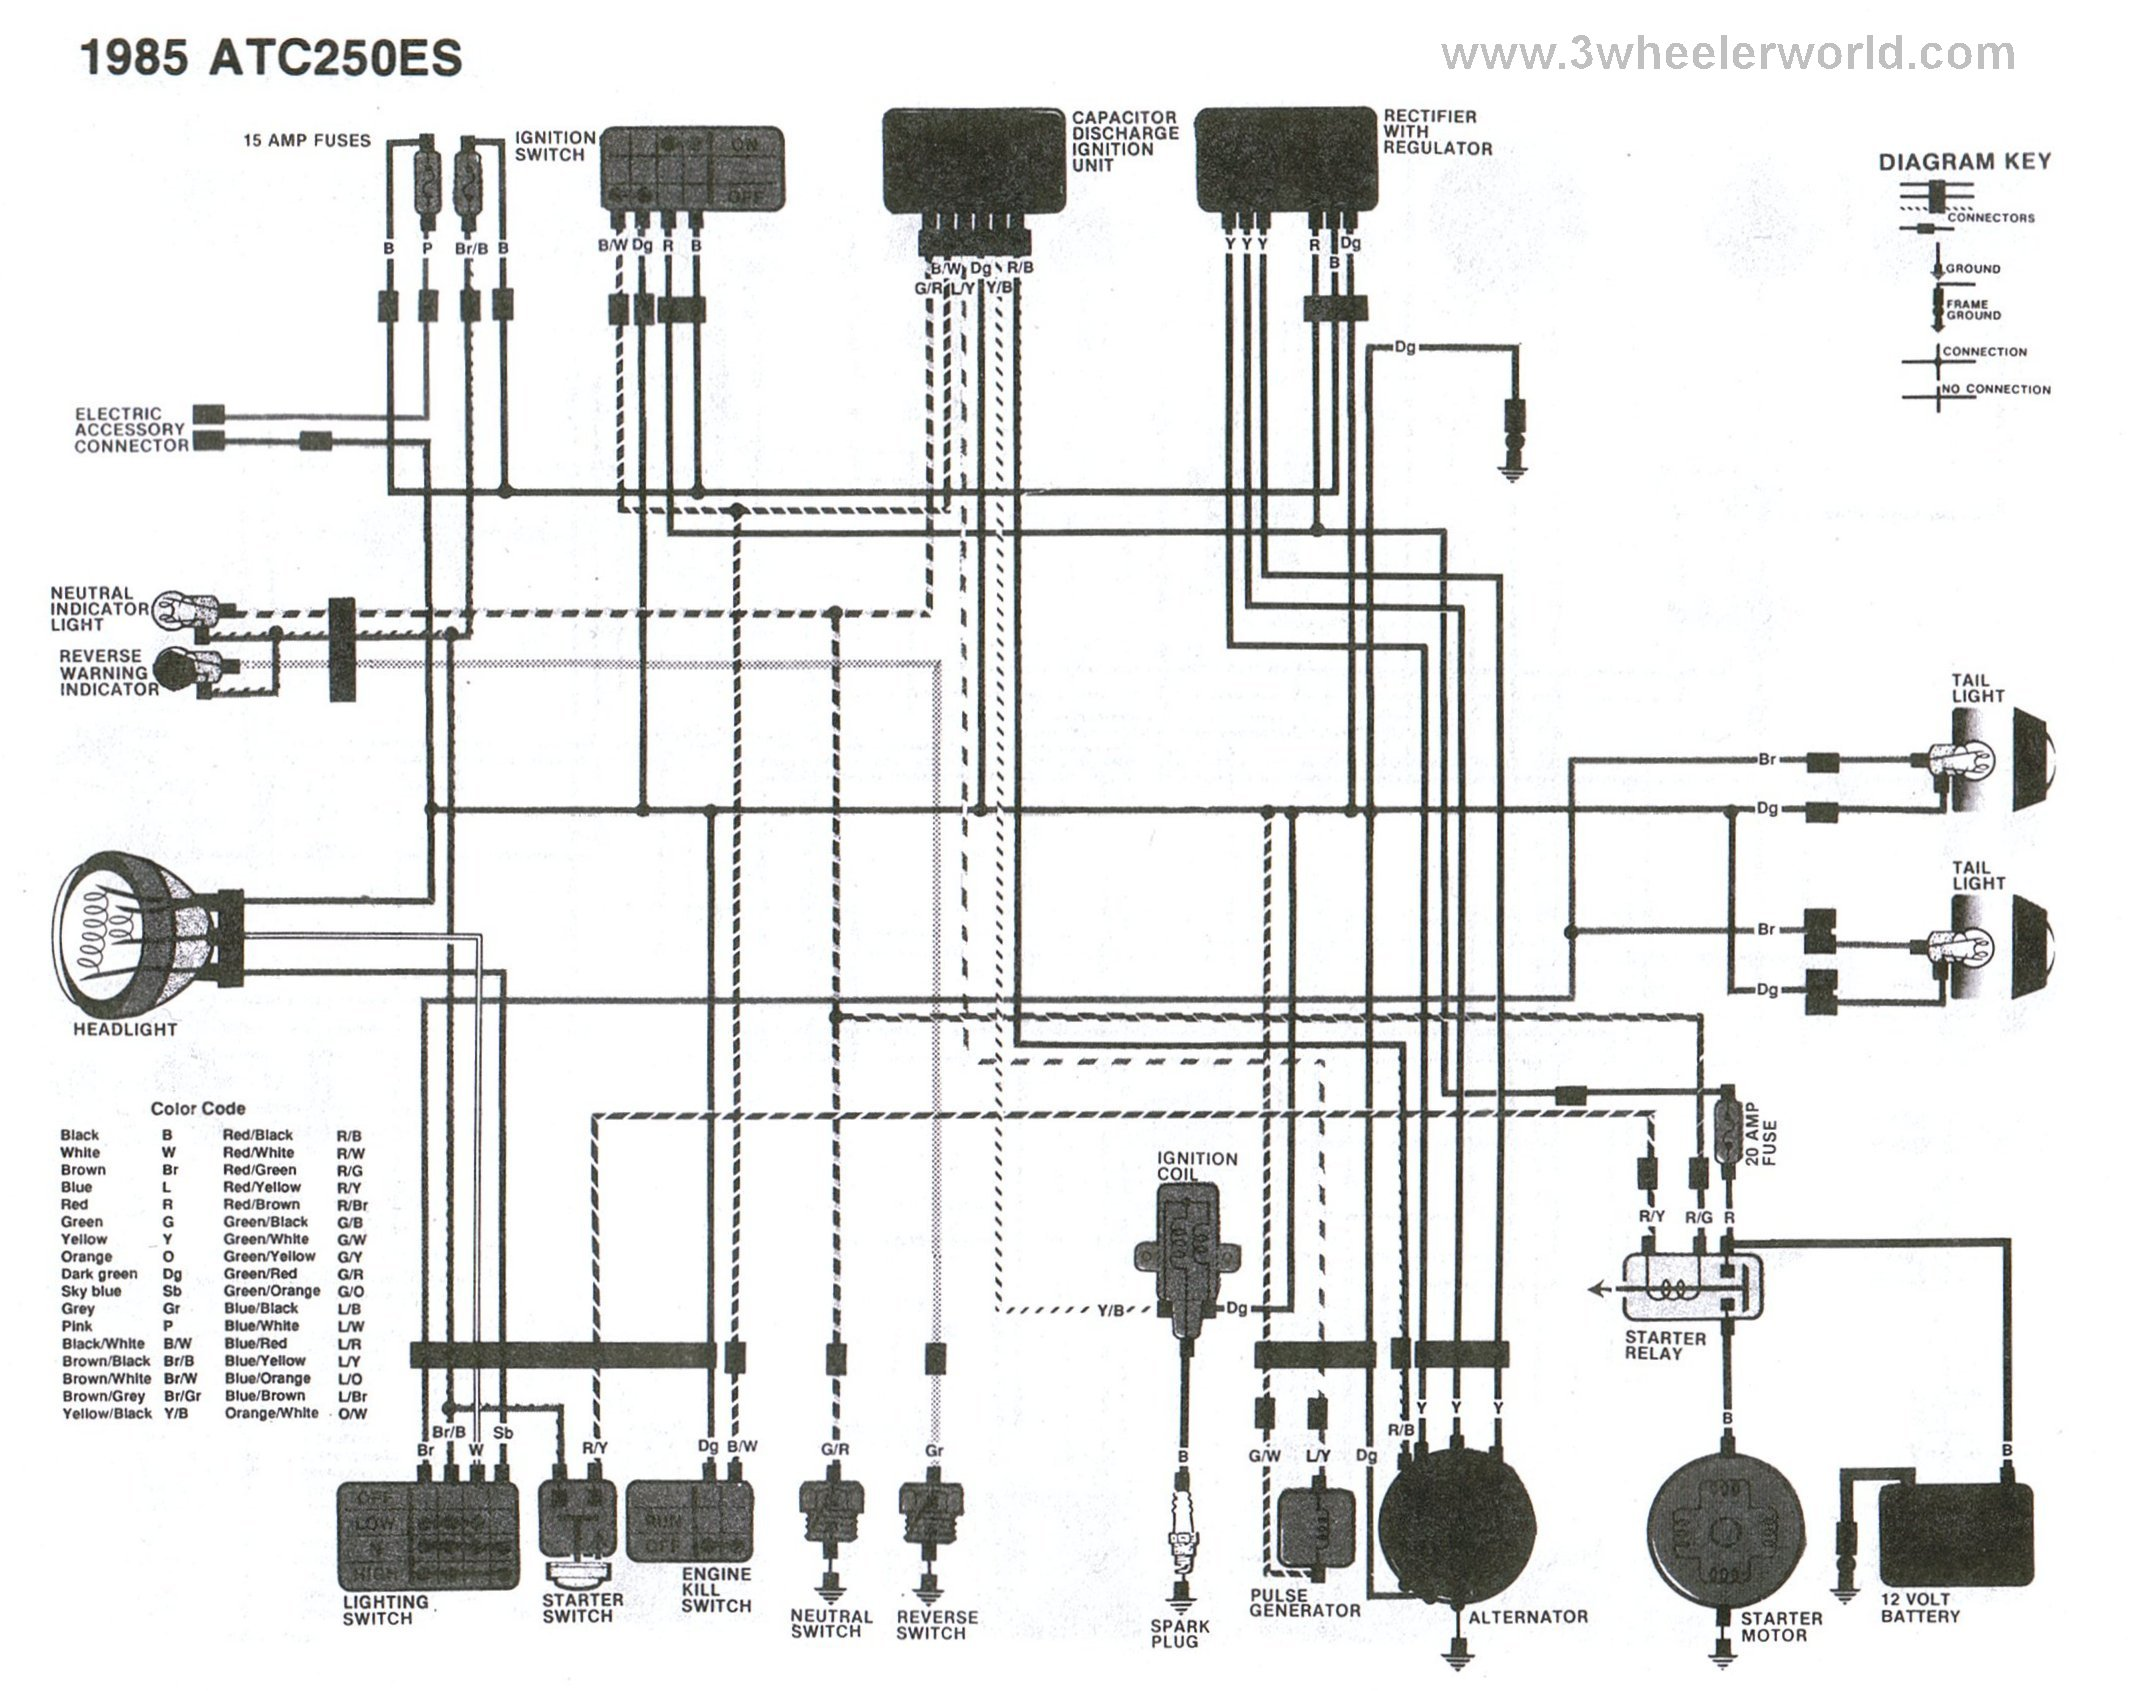 DIAGRAM] Honda Trx 125 Wiring Diagram FULL Version HD Quality Wiring Diagram  - IAMDIAGRAM.ASSIMSS.IT | Spencer Motor Wiring Diagram |  | Diagram Database - ASSIMSS